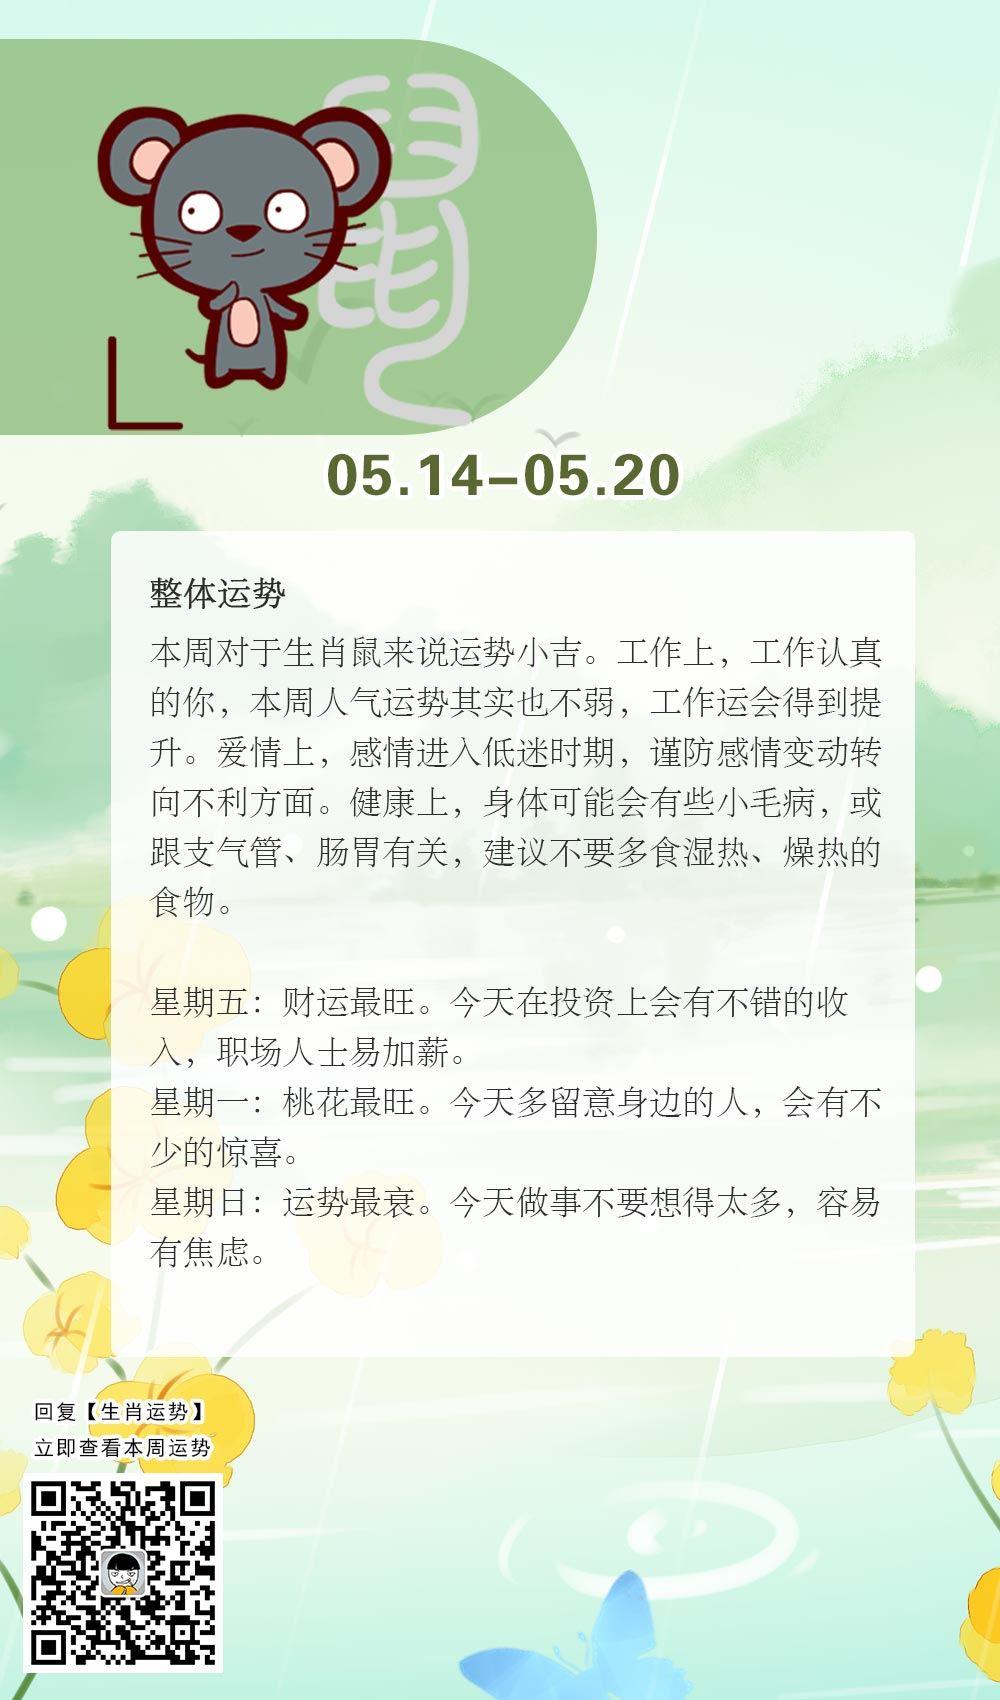 生肖鼠本周运势【2018.05.14-05.20】